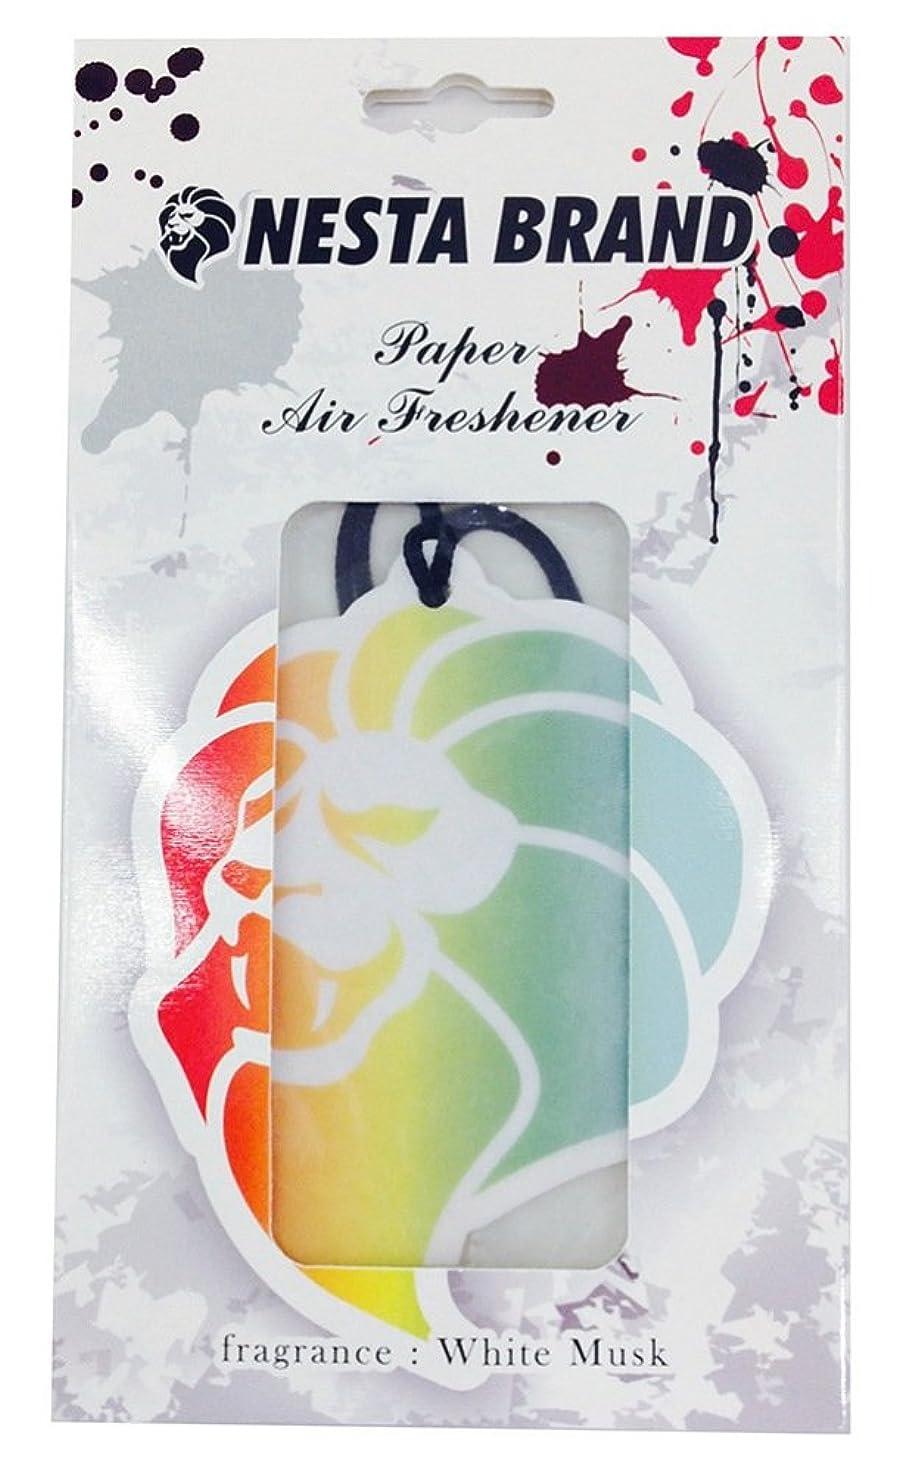 より高揚したディベートネスタブランド エアーフレッシュナー 吊り下げ ホワイトムスクの香り OA-NNA-11-2